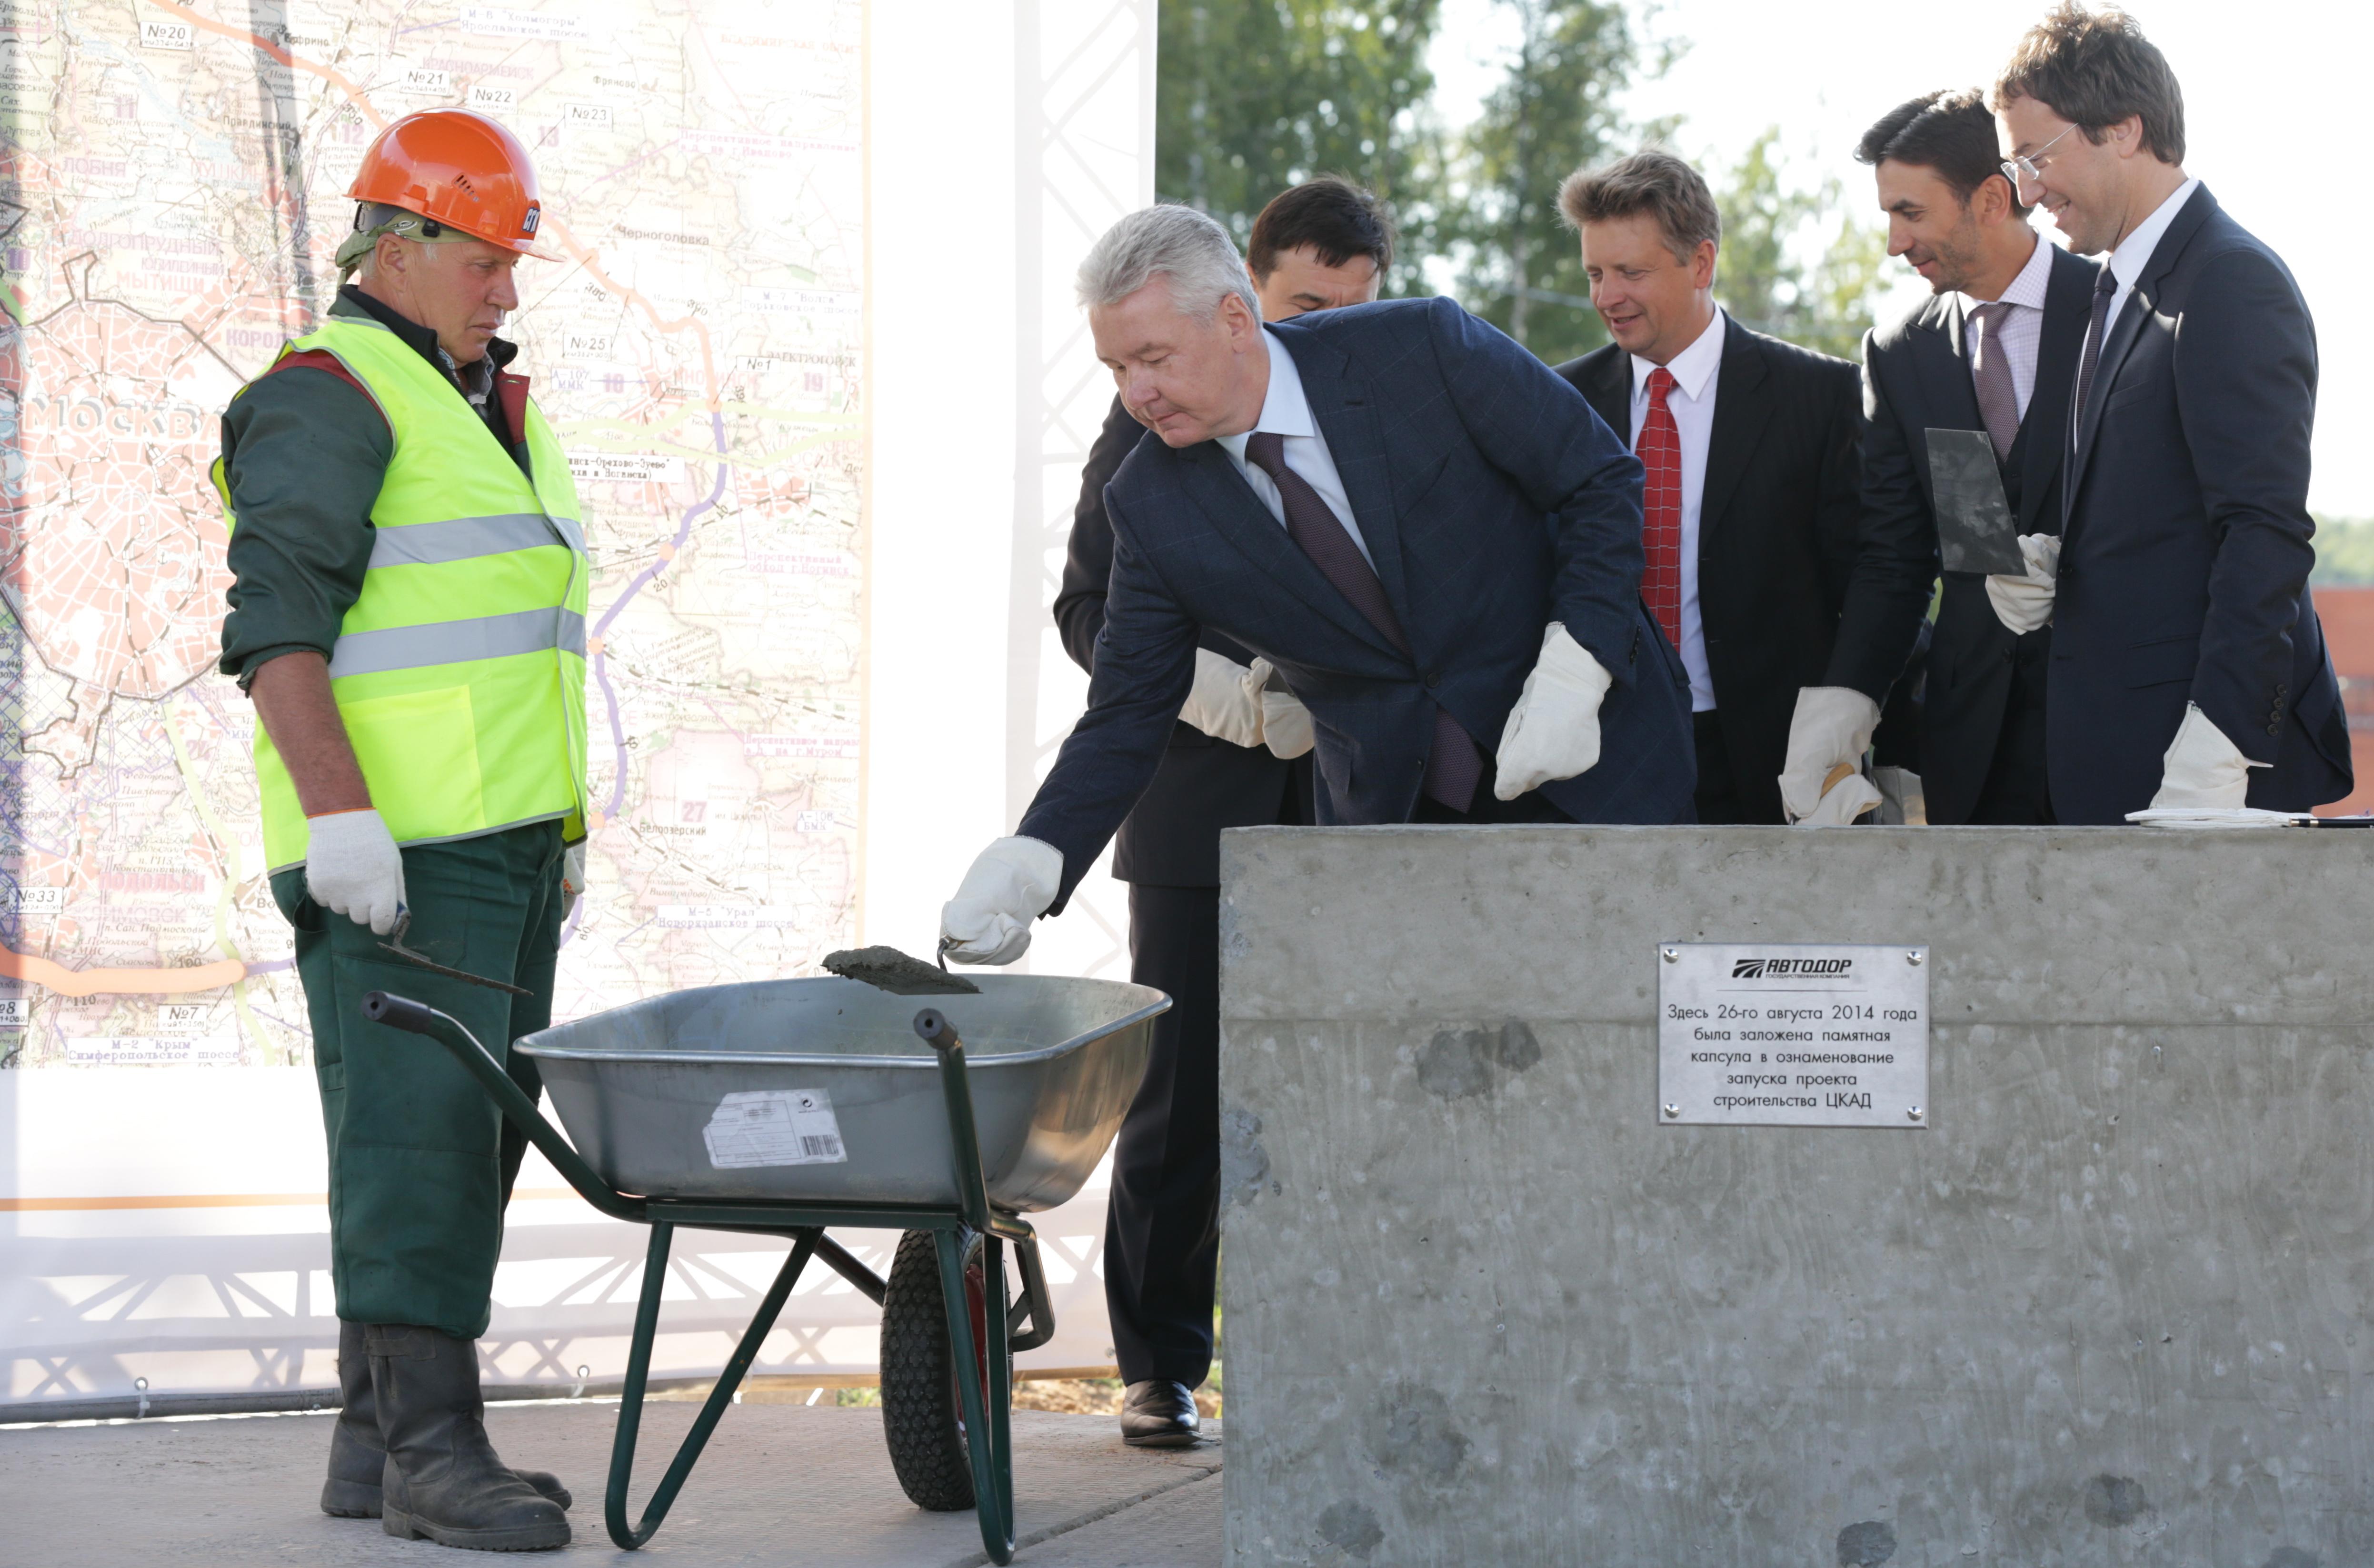 Церемония начала строительства новой автомагистрали А 113 (ЦКАД)